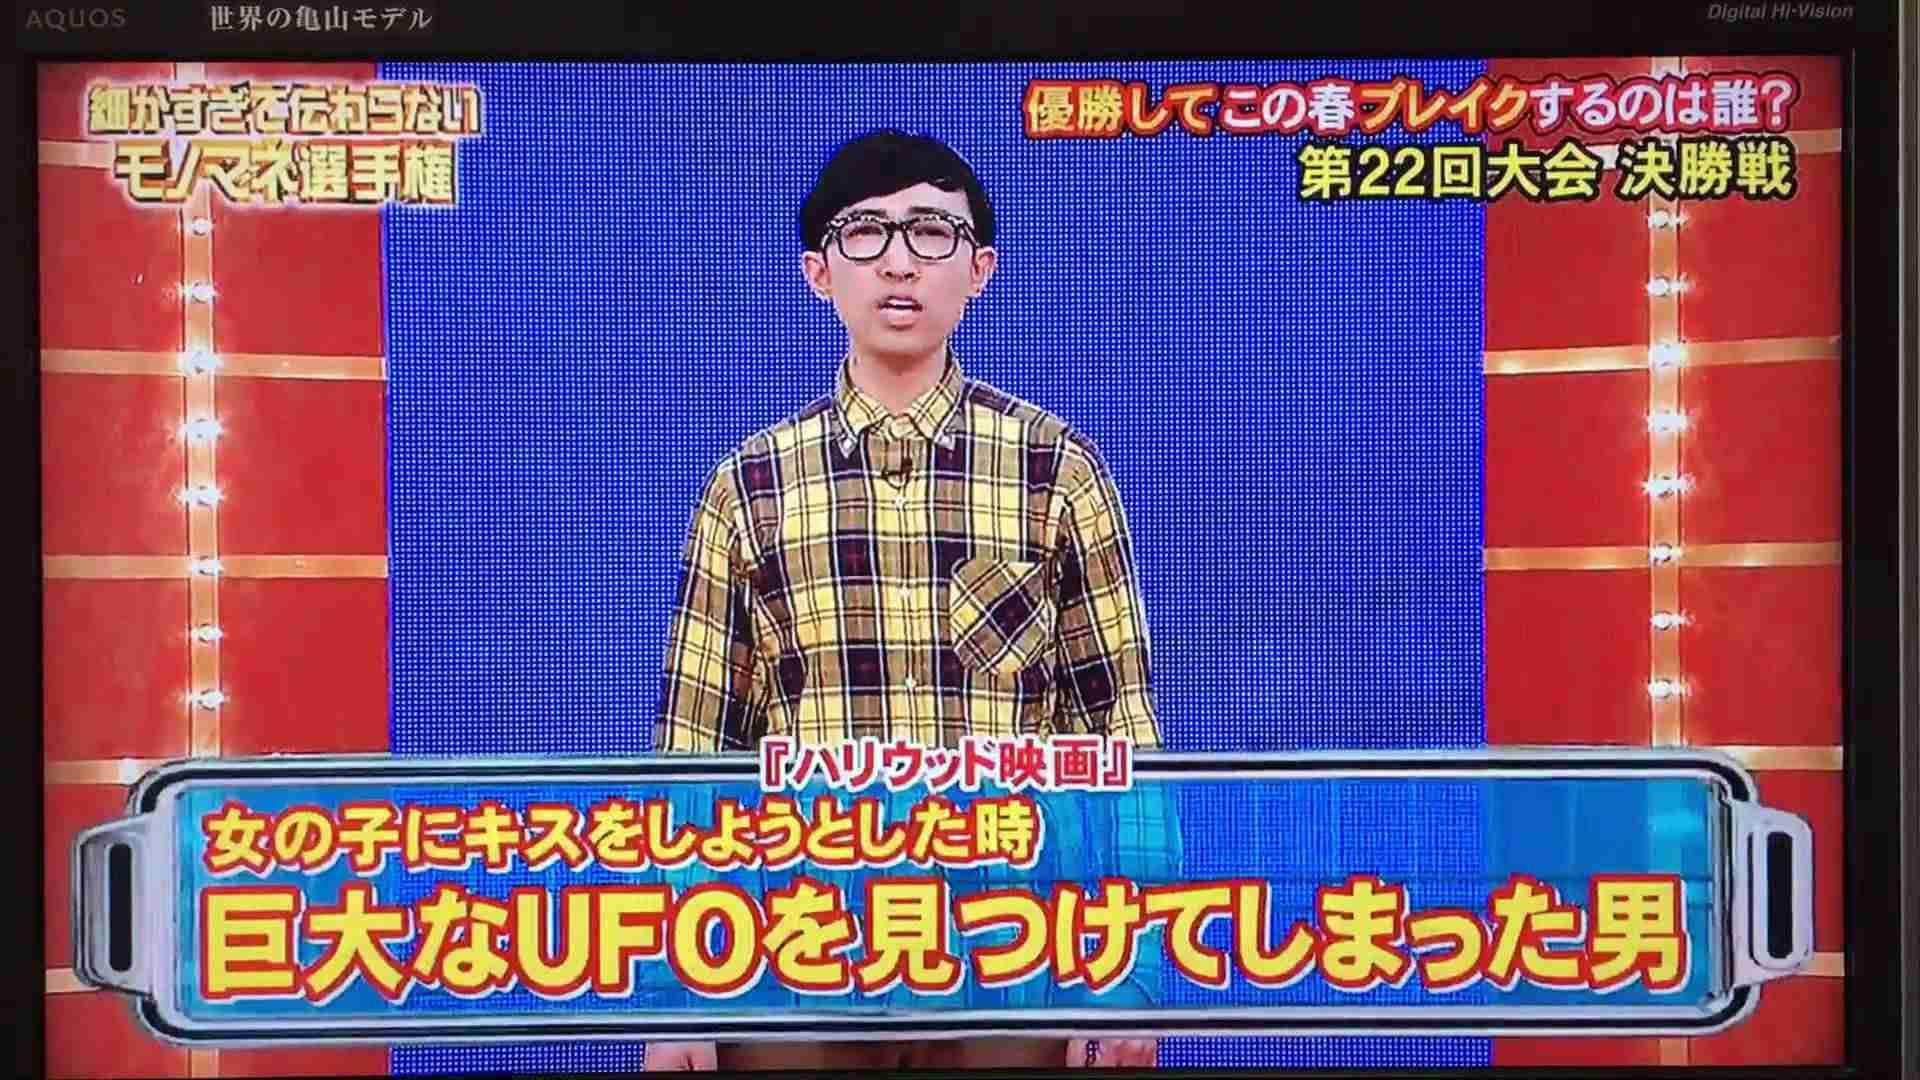 こがけん × オーマイガー3 - YouTube